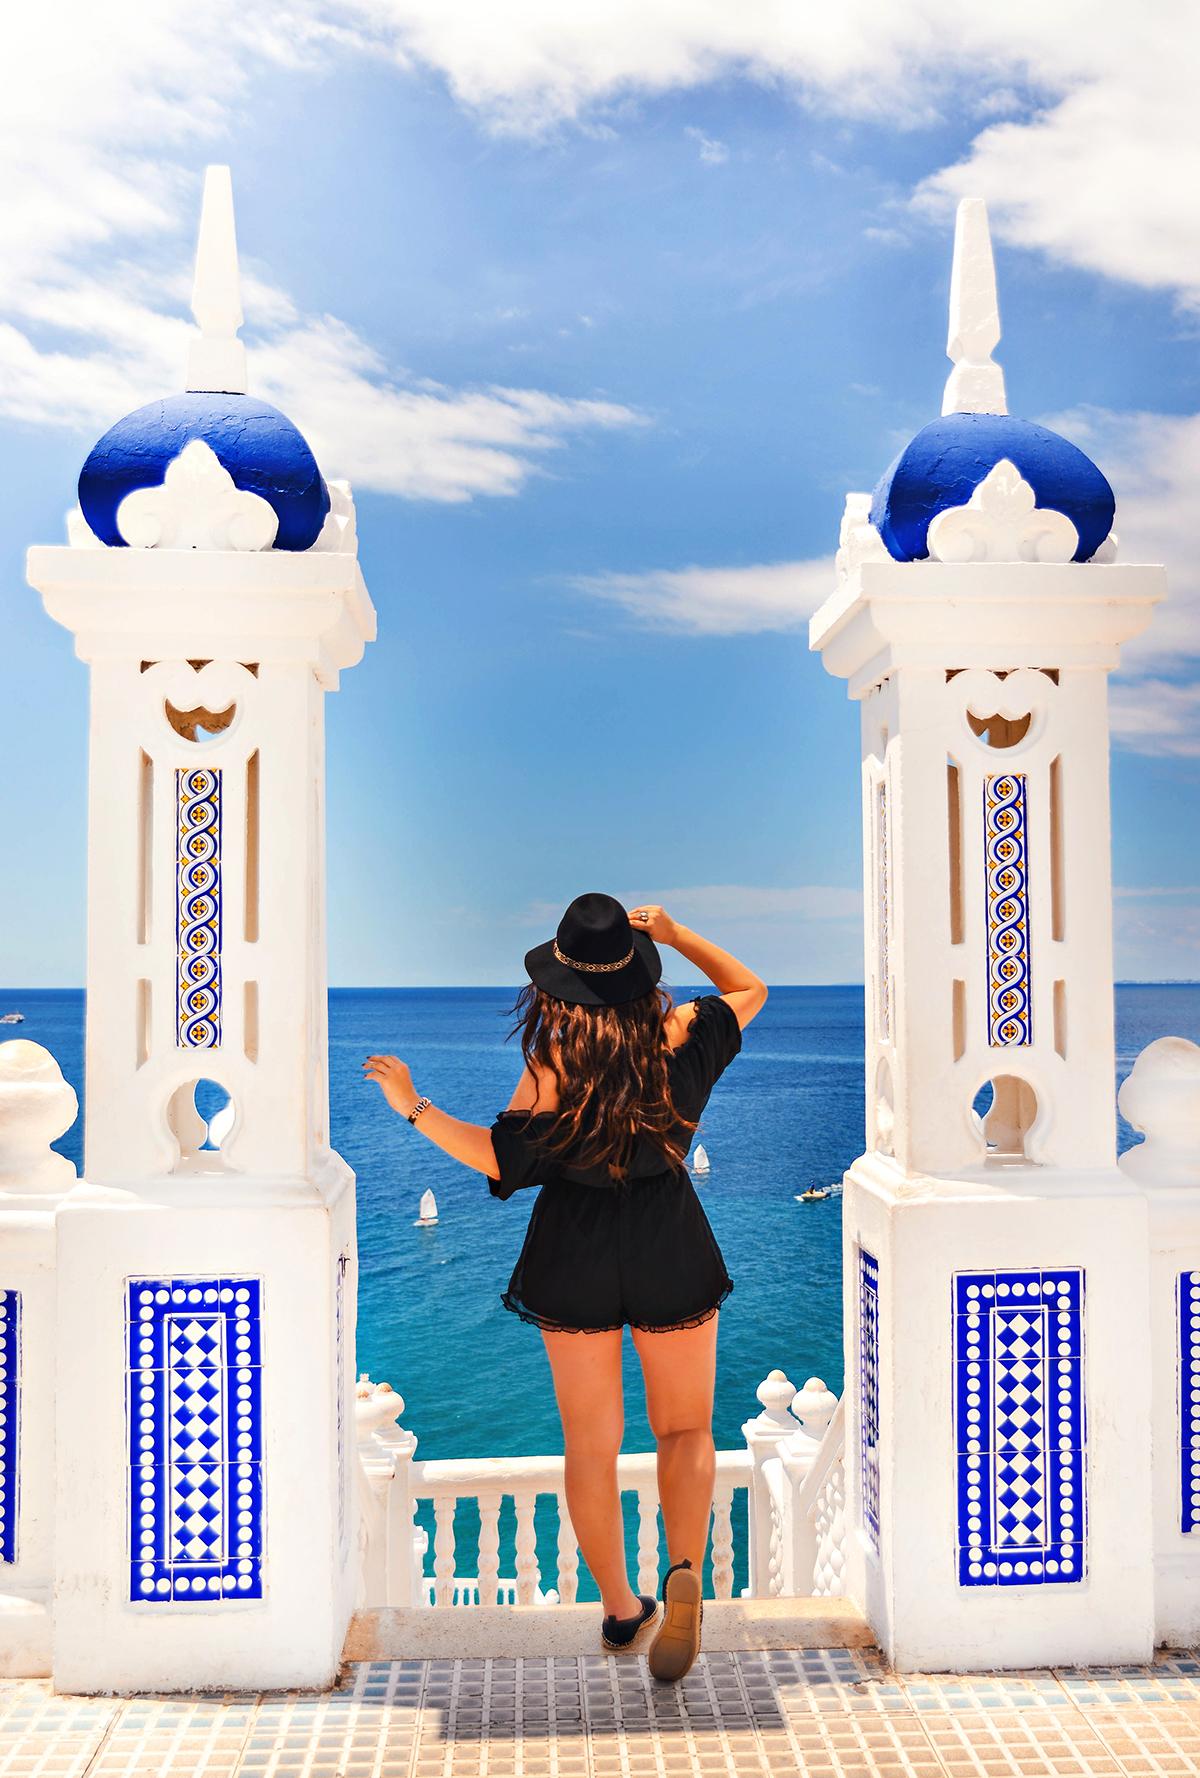 Balcón del Mediterráneo in Benidorm